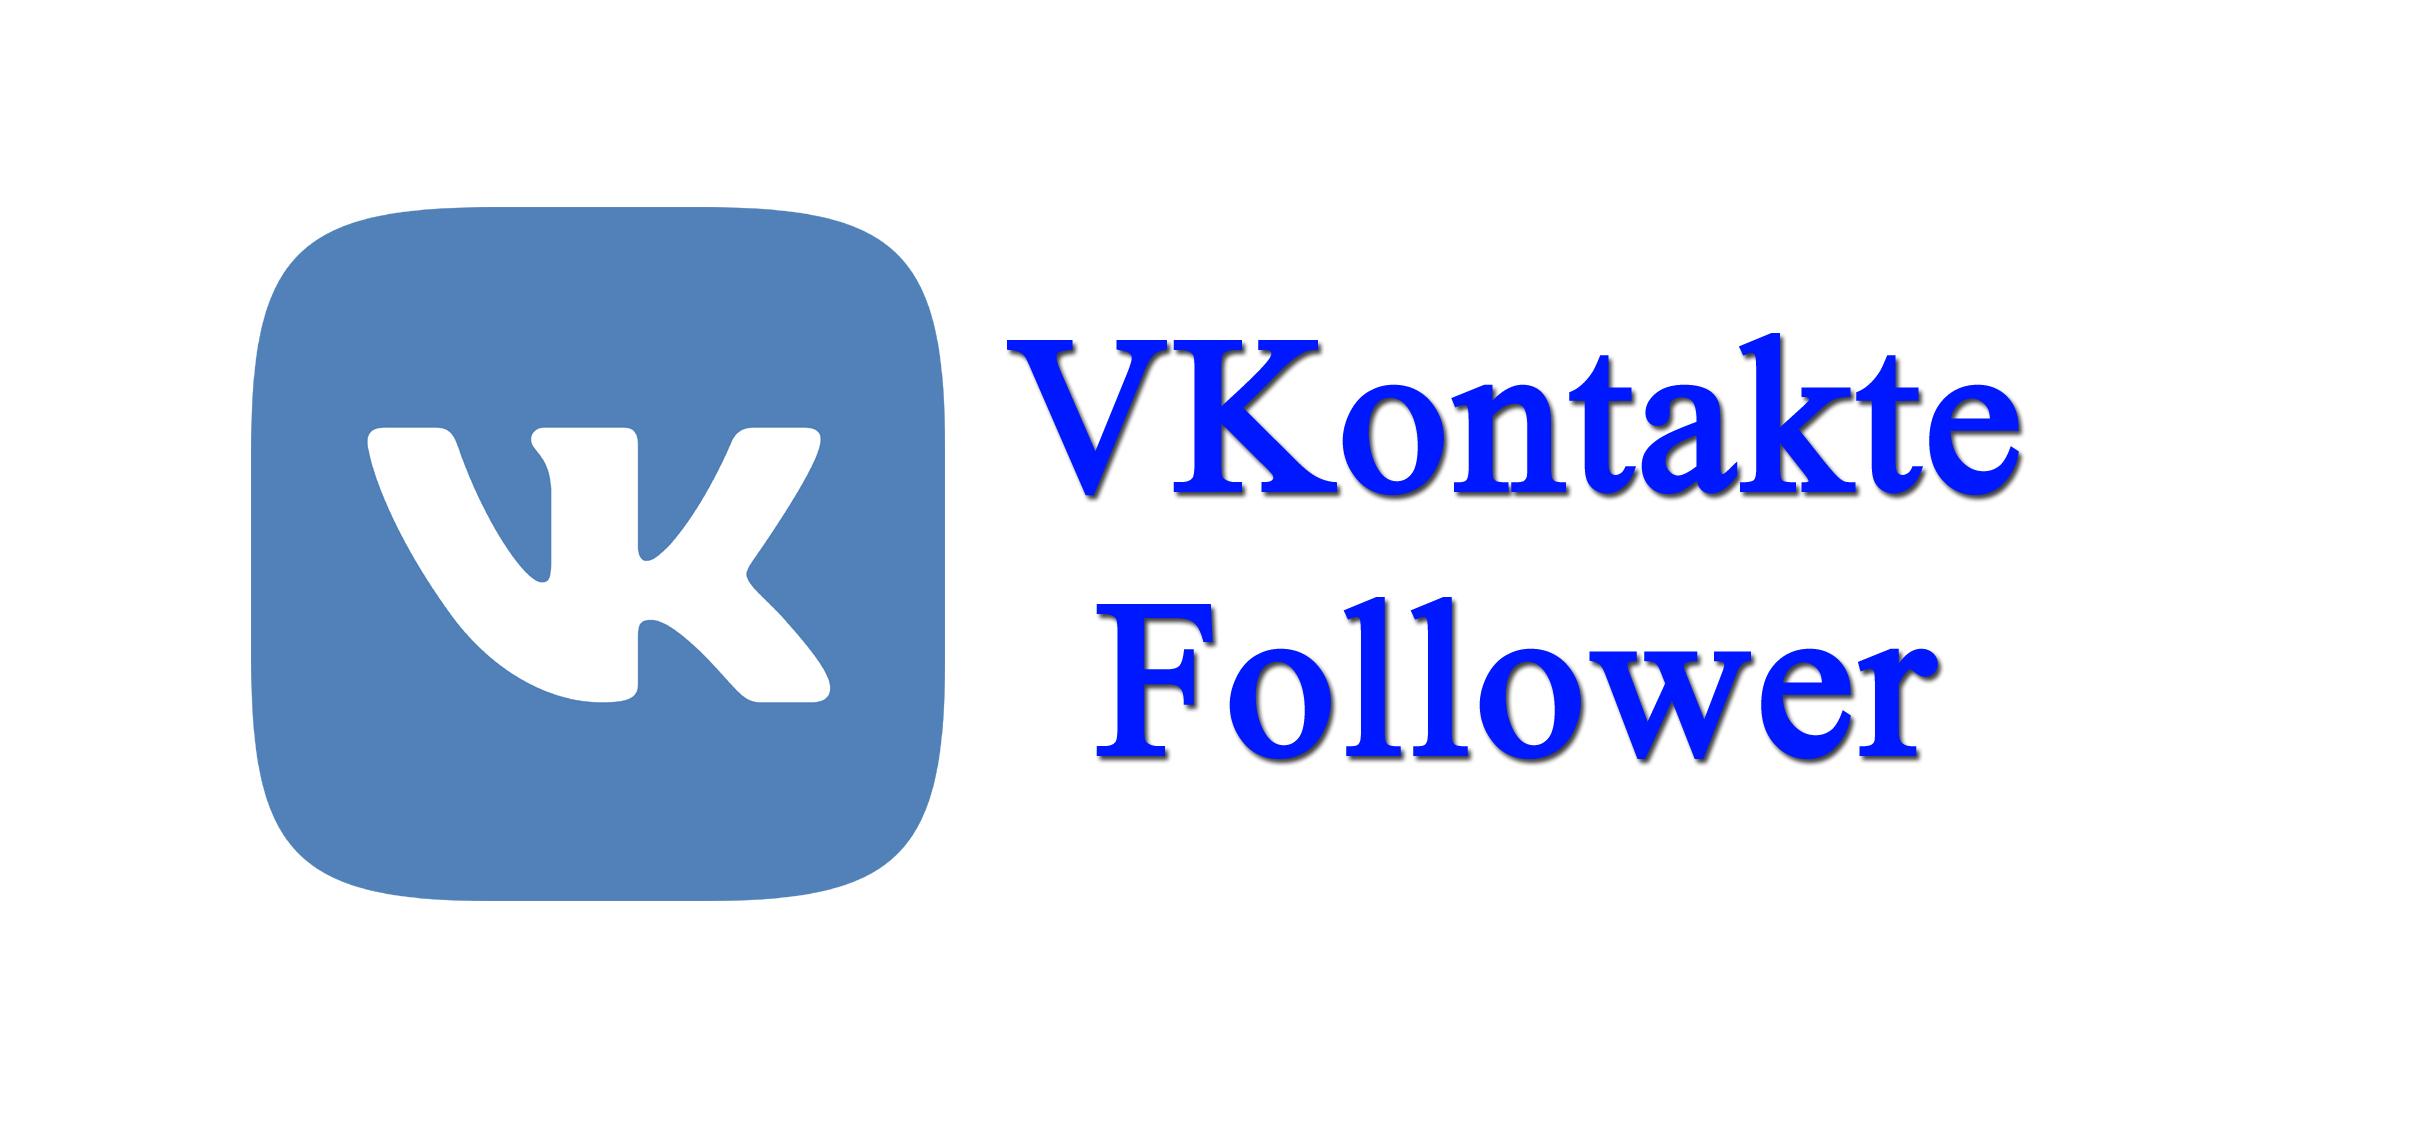 300 VKontakte Follows